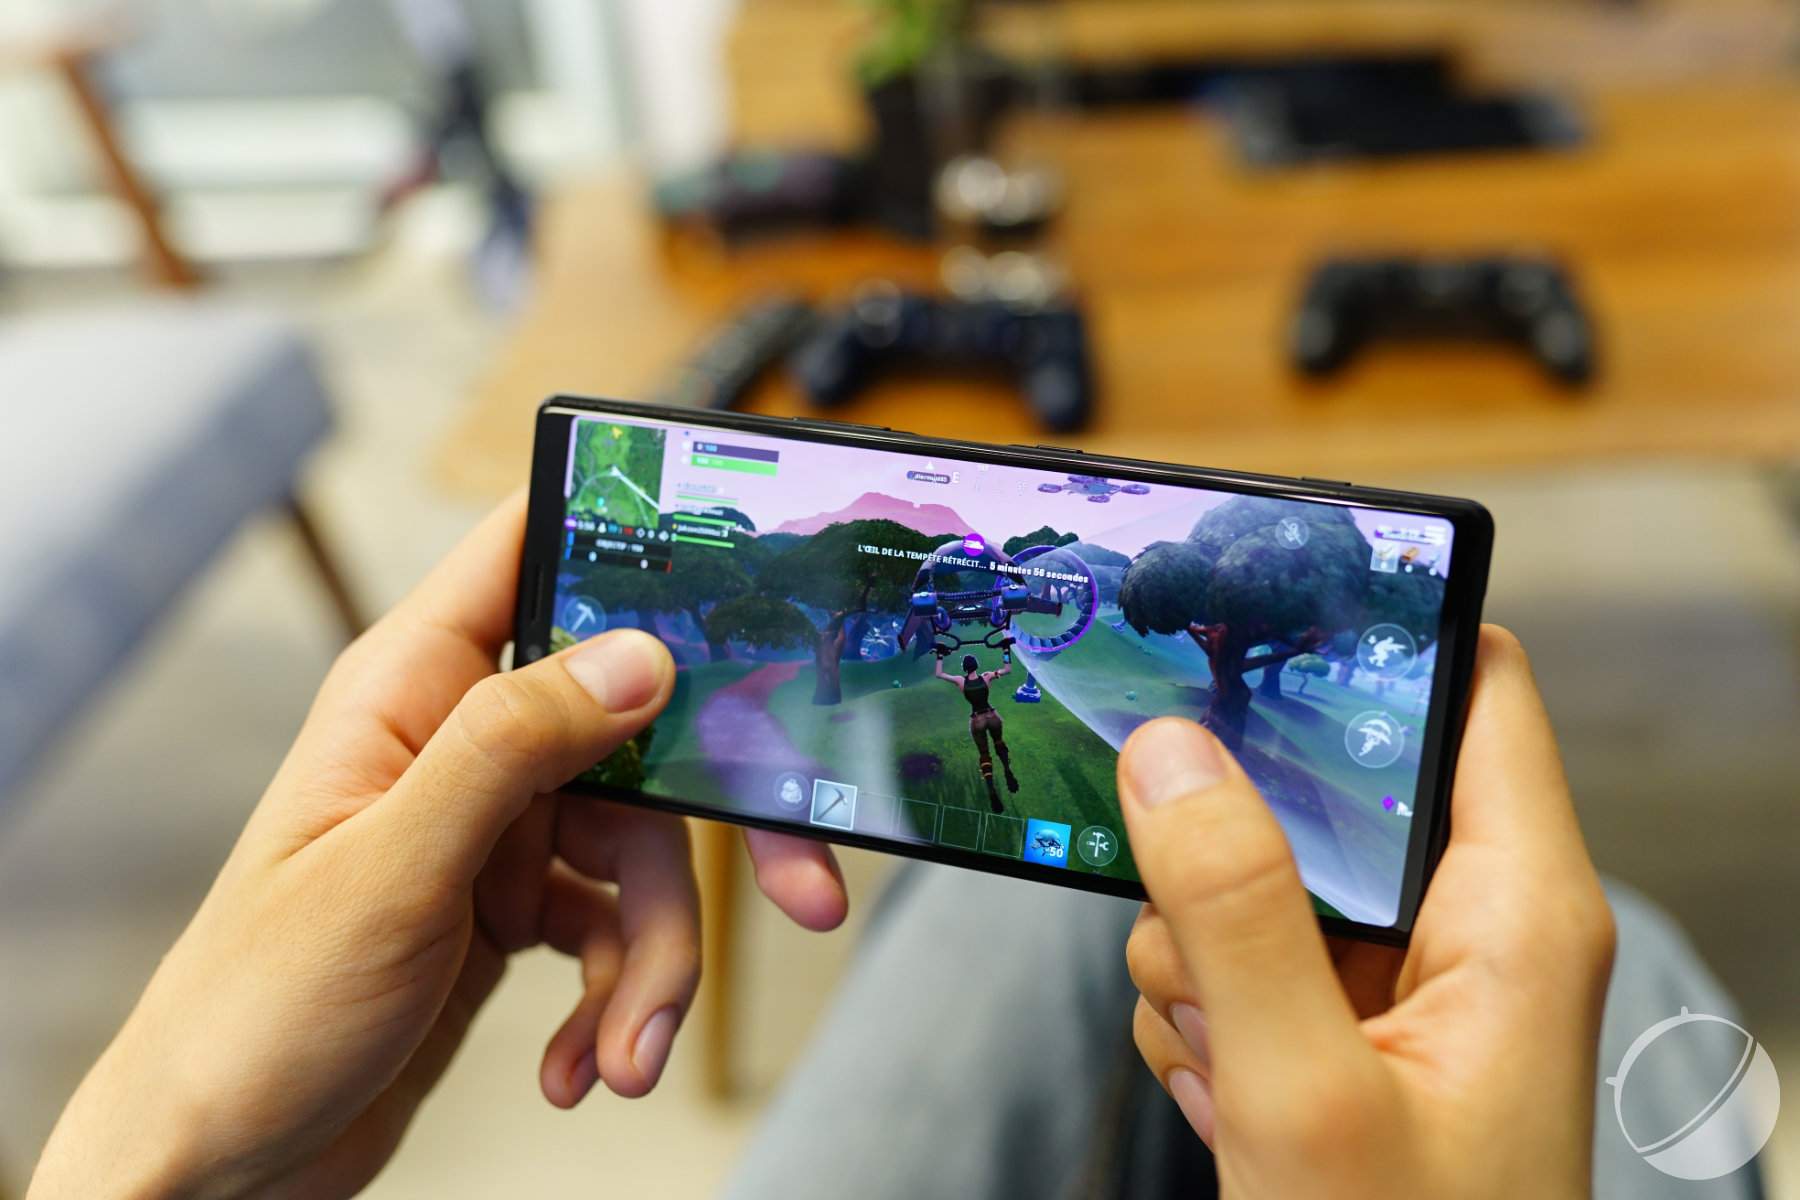 Le Xperia 1 permet de jouer à Fortnite dans de bonnes conditions